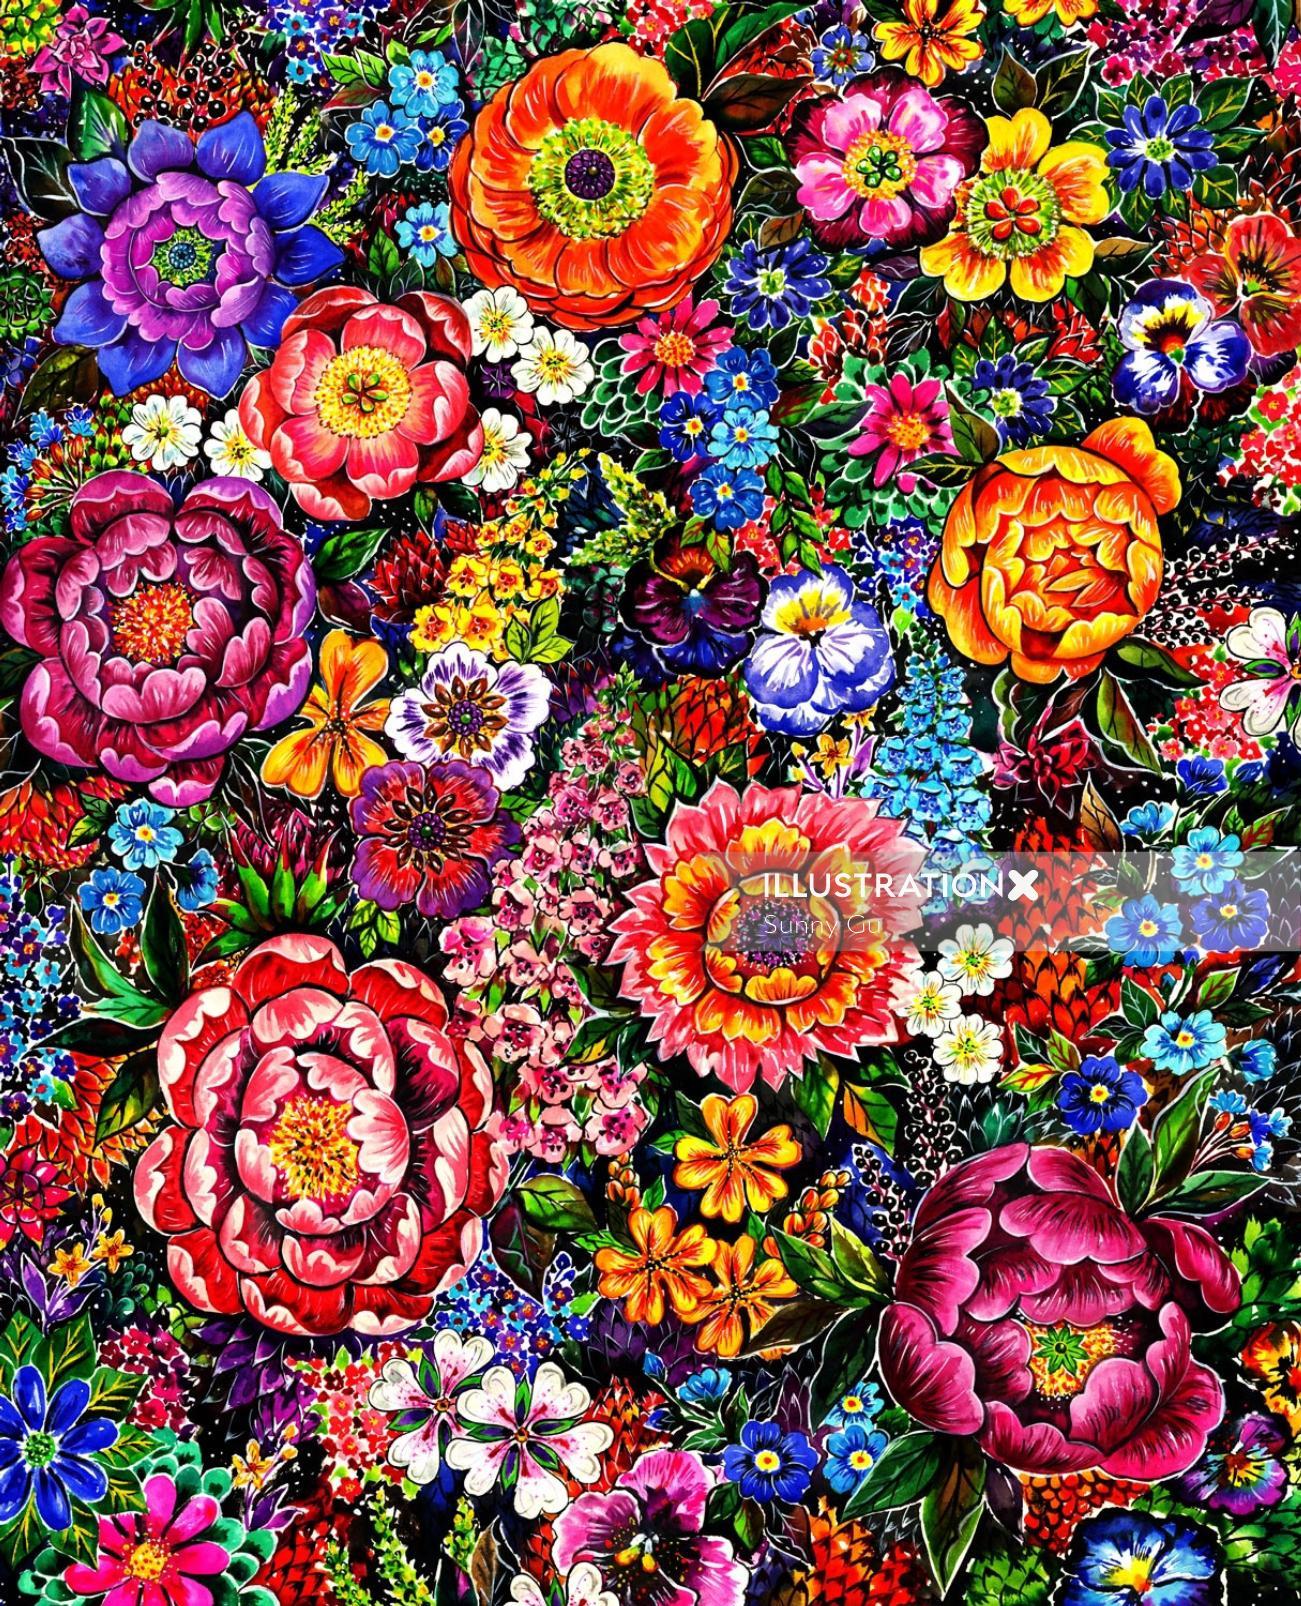 textile, flowers, patterns